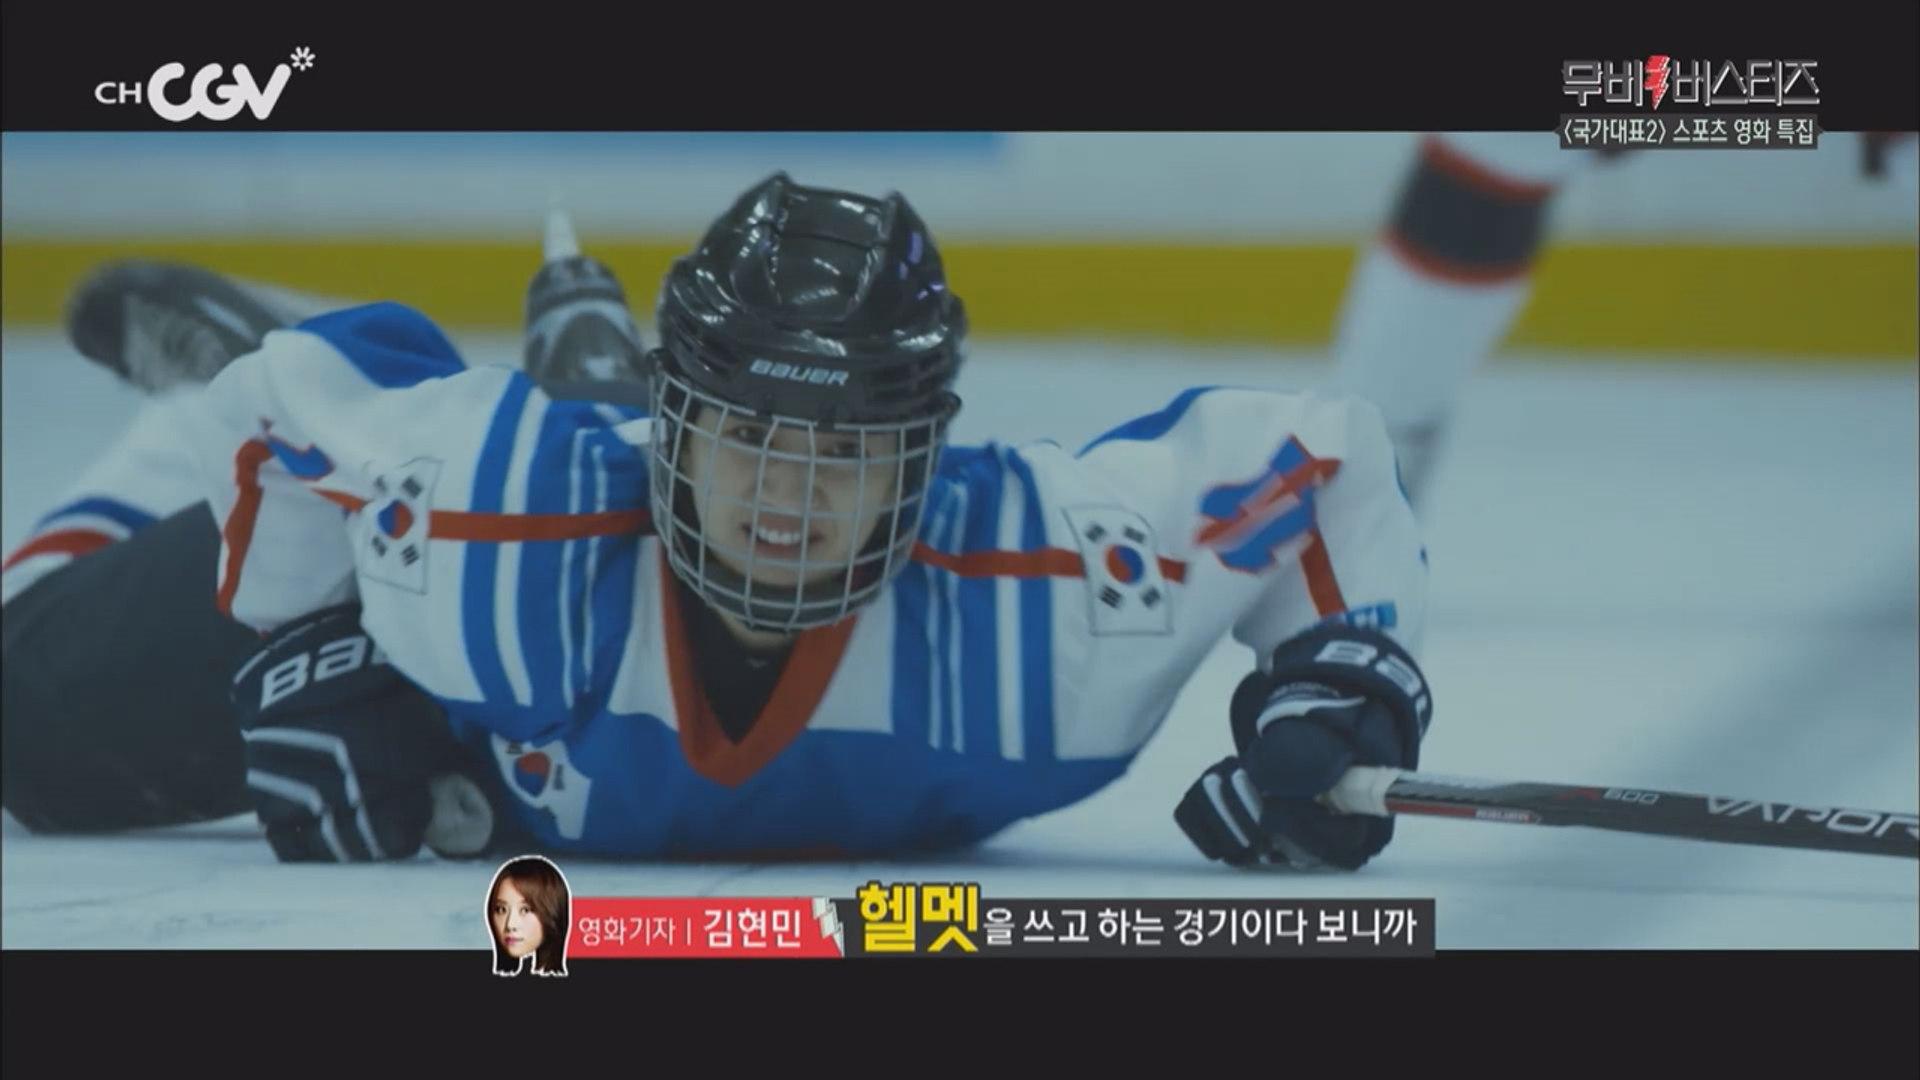 스포츠 영화 촬영장 비하인드 씬!